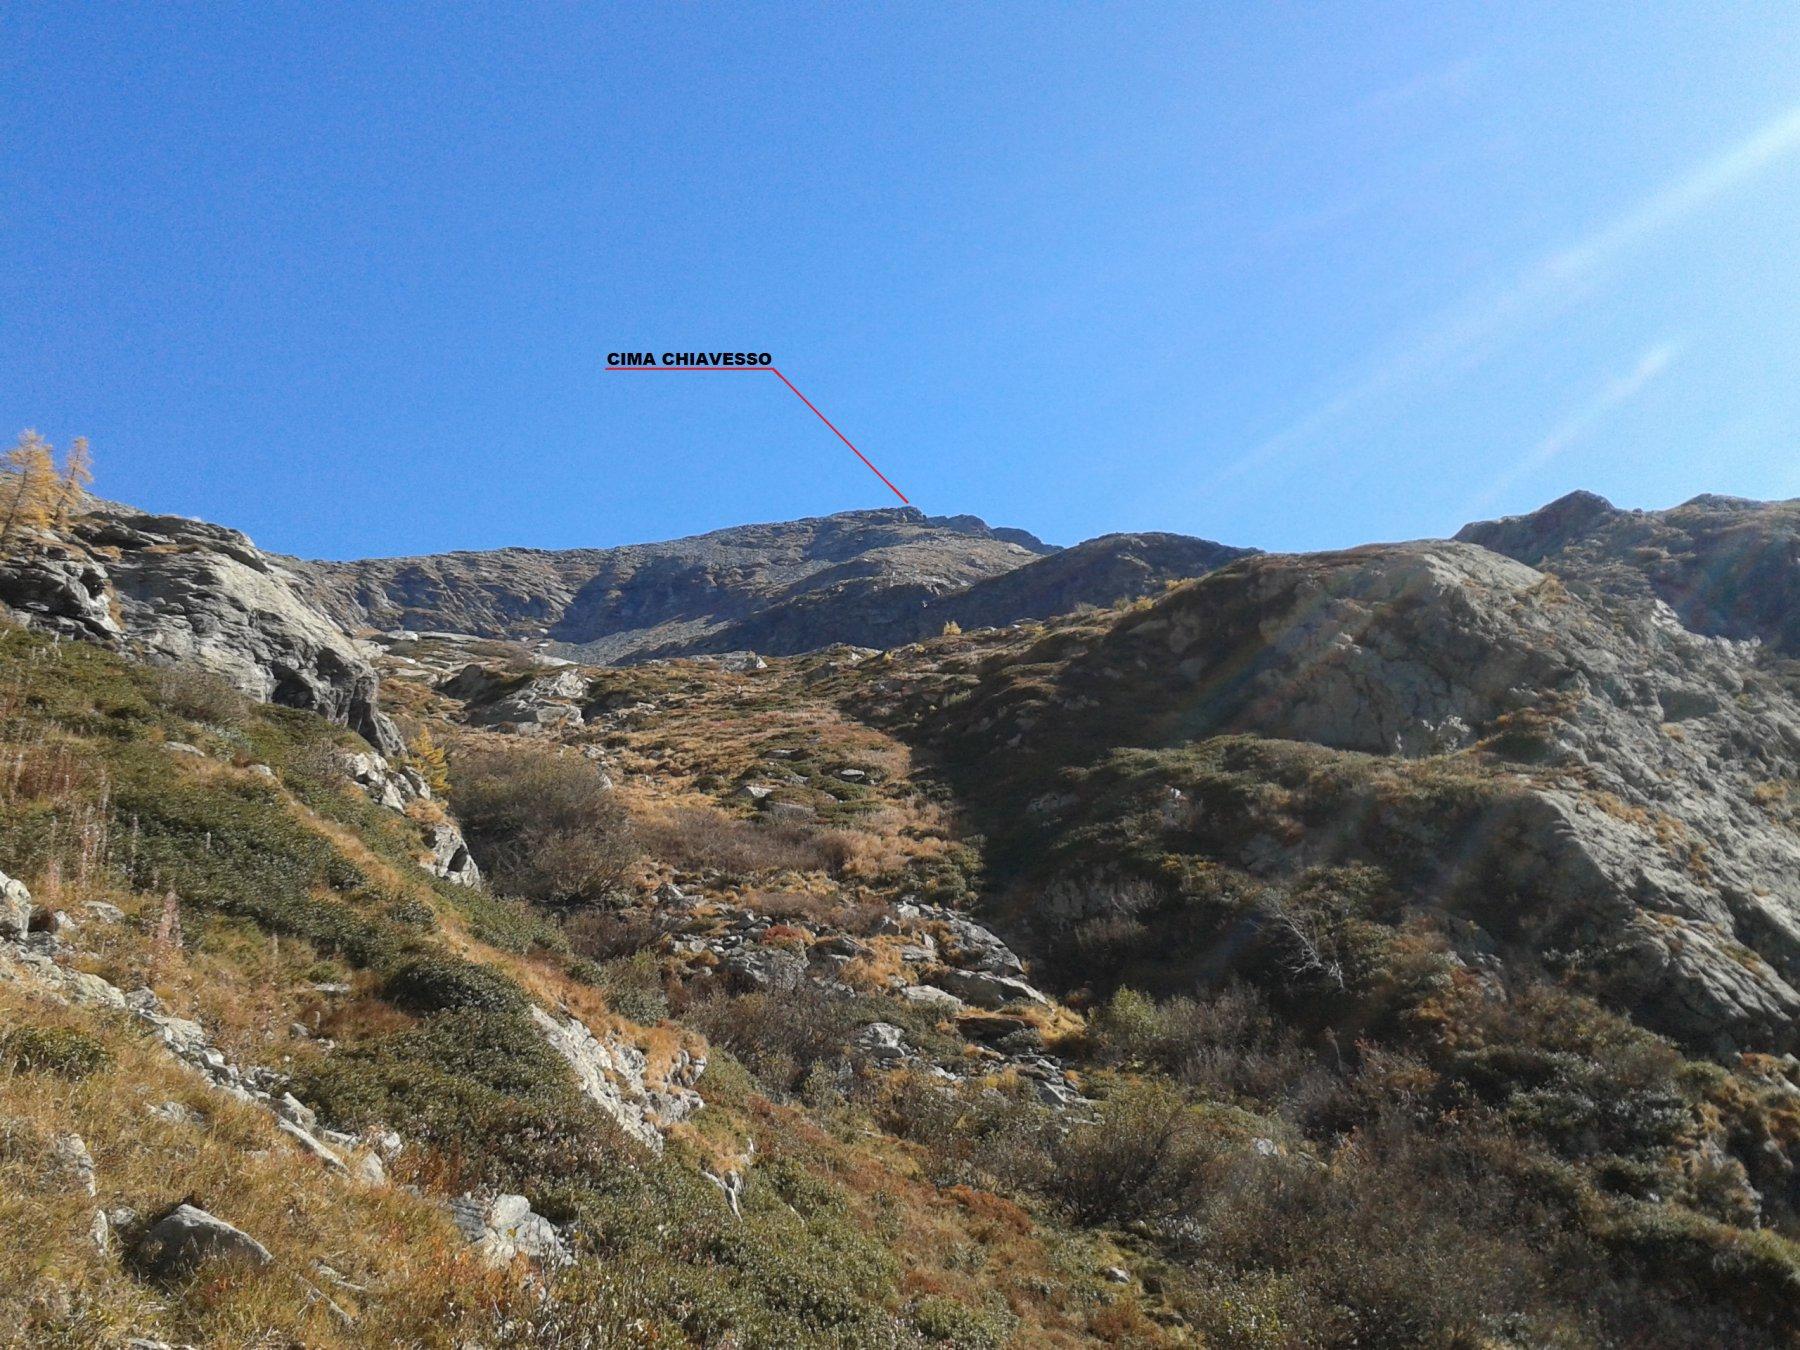 la vetta vista dall'inizio del valloncello di raccordo con il colle del vallonetto.